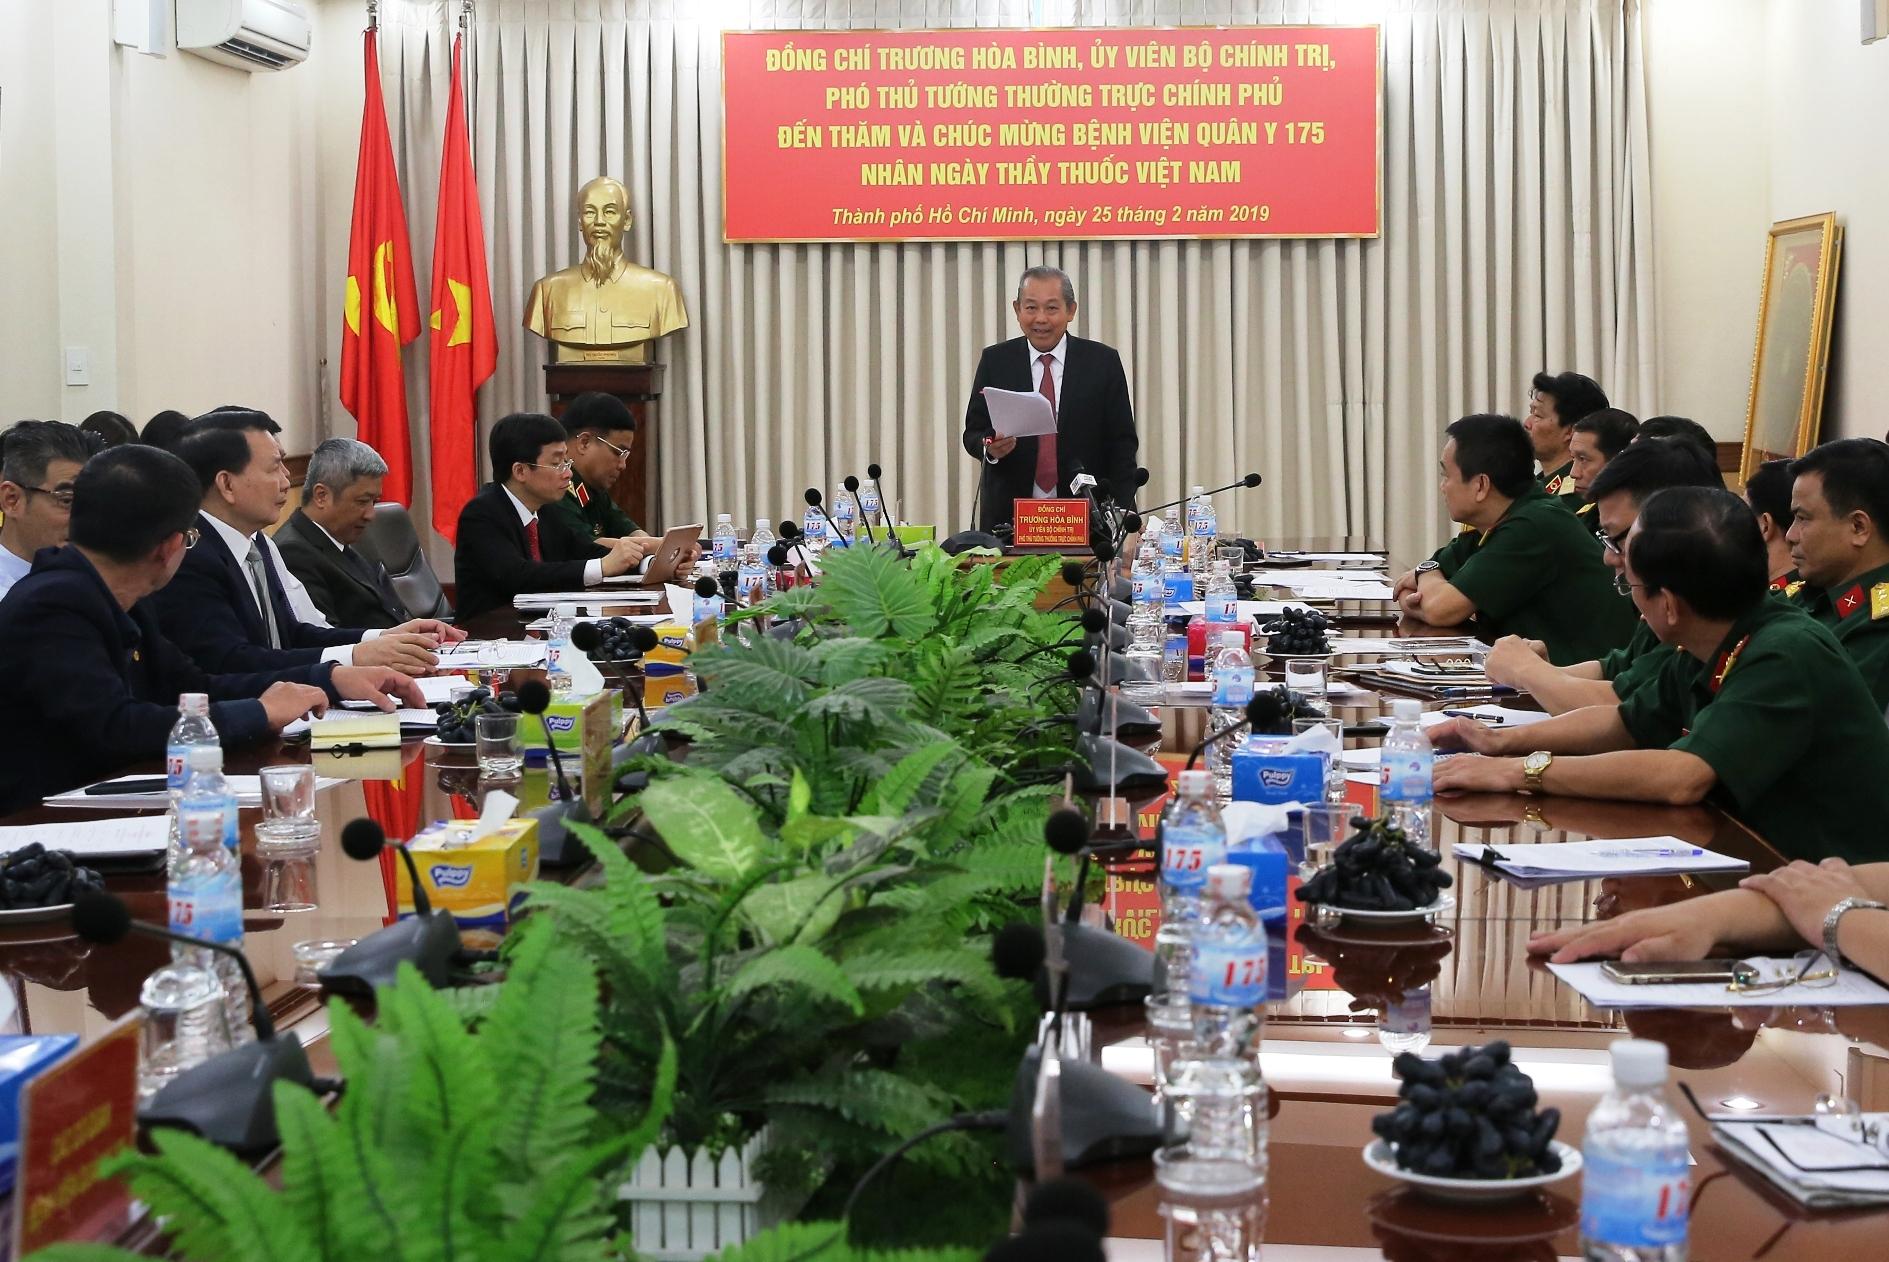 Phó Thủ tướng Thường trực Chính phủ Trương Hòa Bình làm việc với Ban Giám đốc và lãnh đạo các khoa, phòng Bệnh viện Quân y 175. Ảnh: VGP/Mạnh Hùng